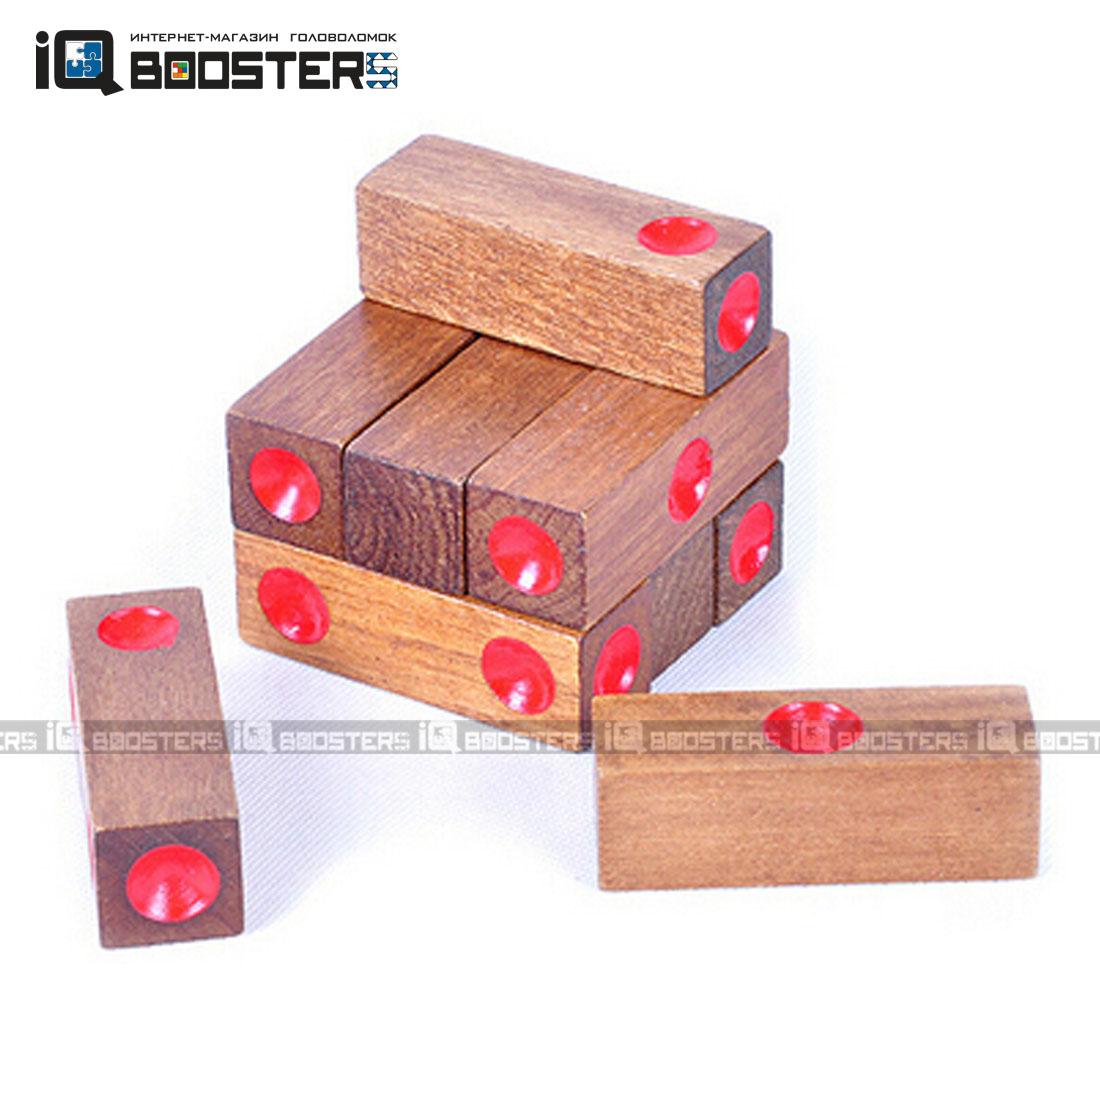 domino_dice_cube_3